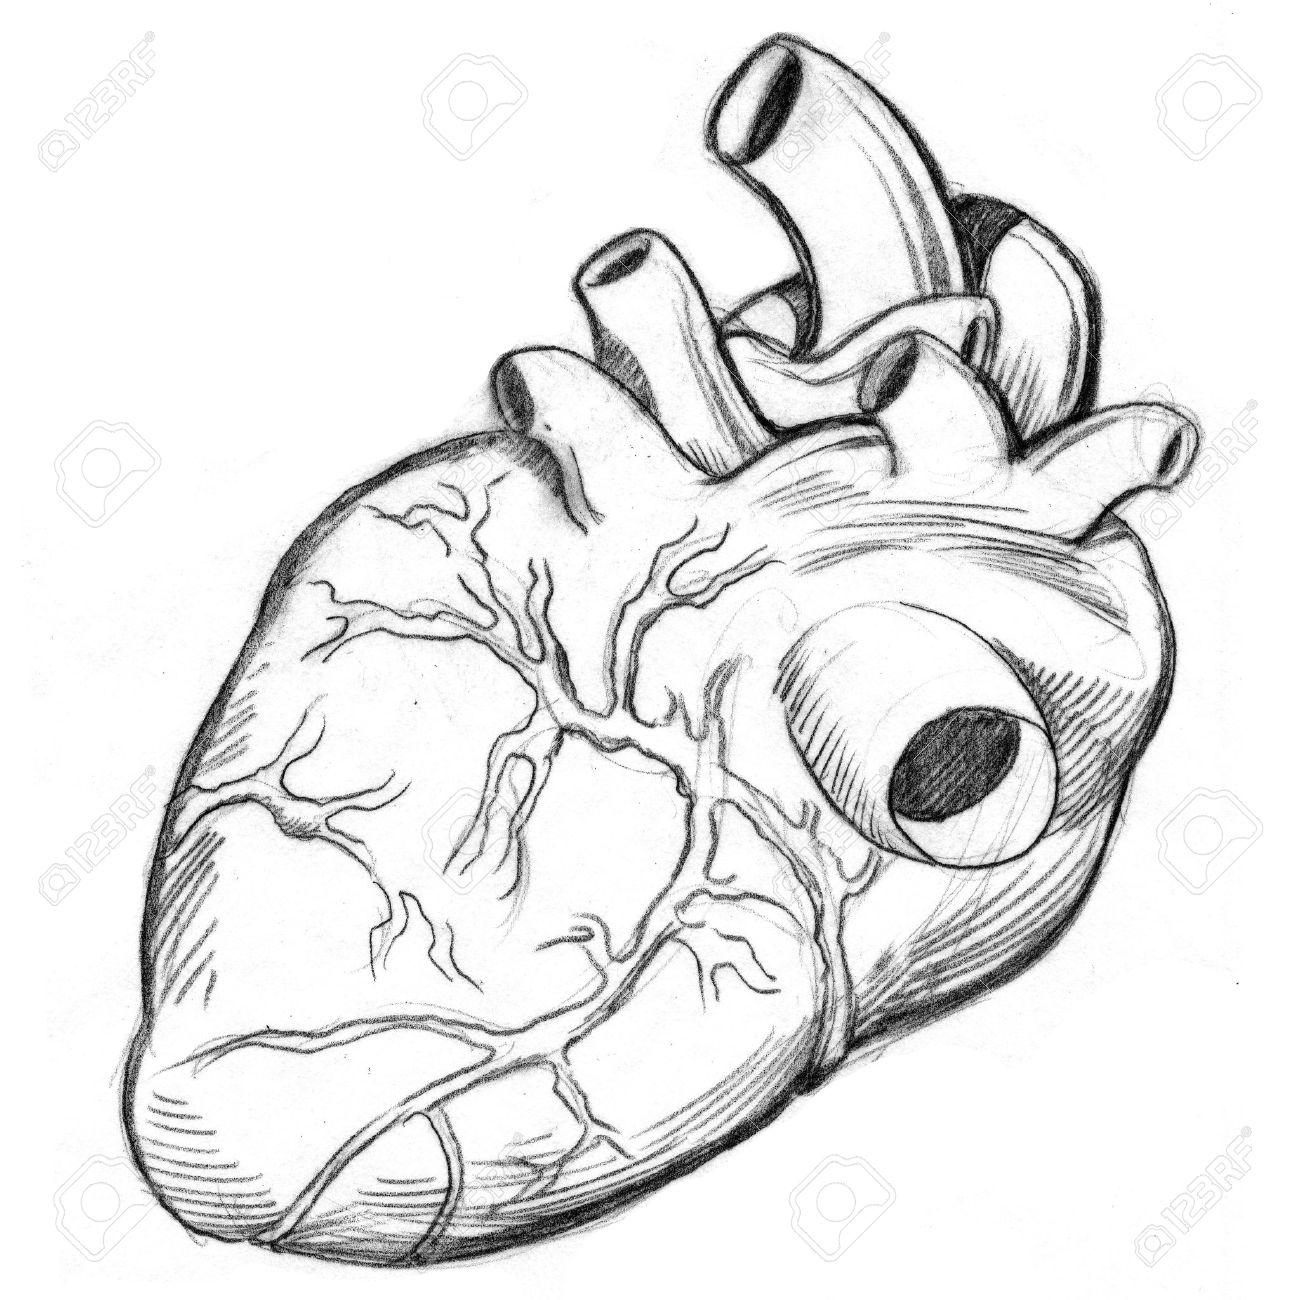 Una Imagen De Un Corazón Humano Dibujo Fotos Retratos Imágenes Y